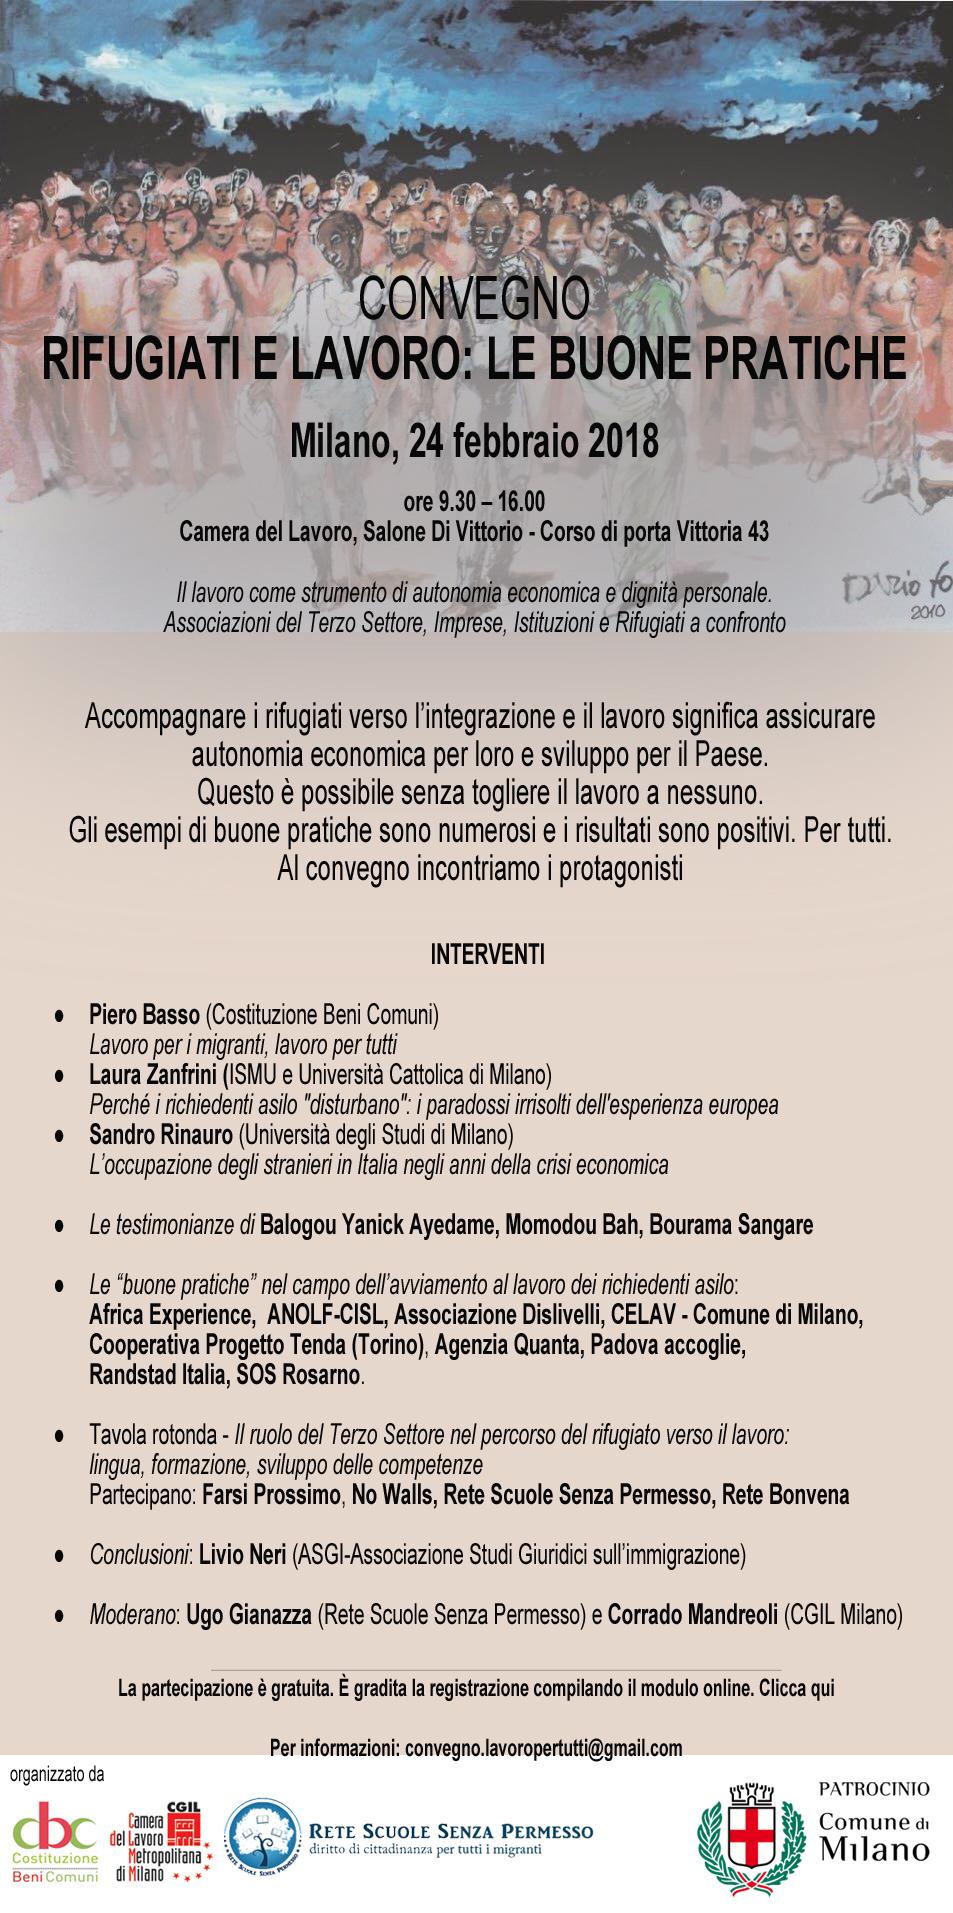 InvitoConvegno_Rifugiati_Lavoro (1)